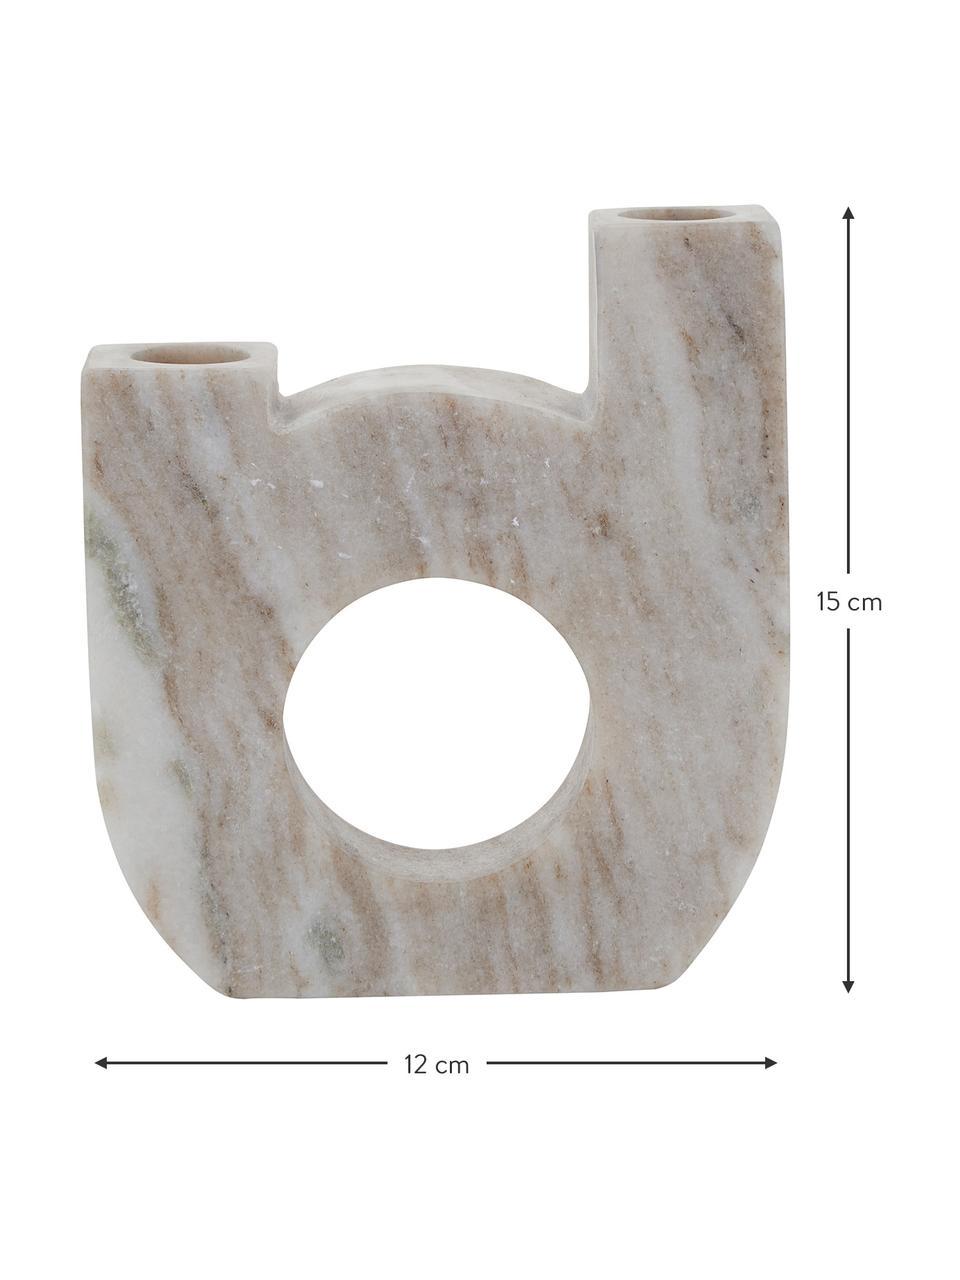 Kandelaar Arch Double van marmer, Marmer, Beige, 12 x 15 cm